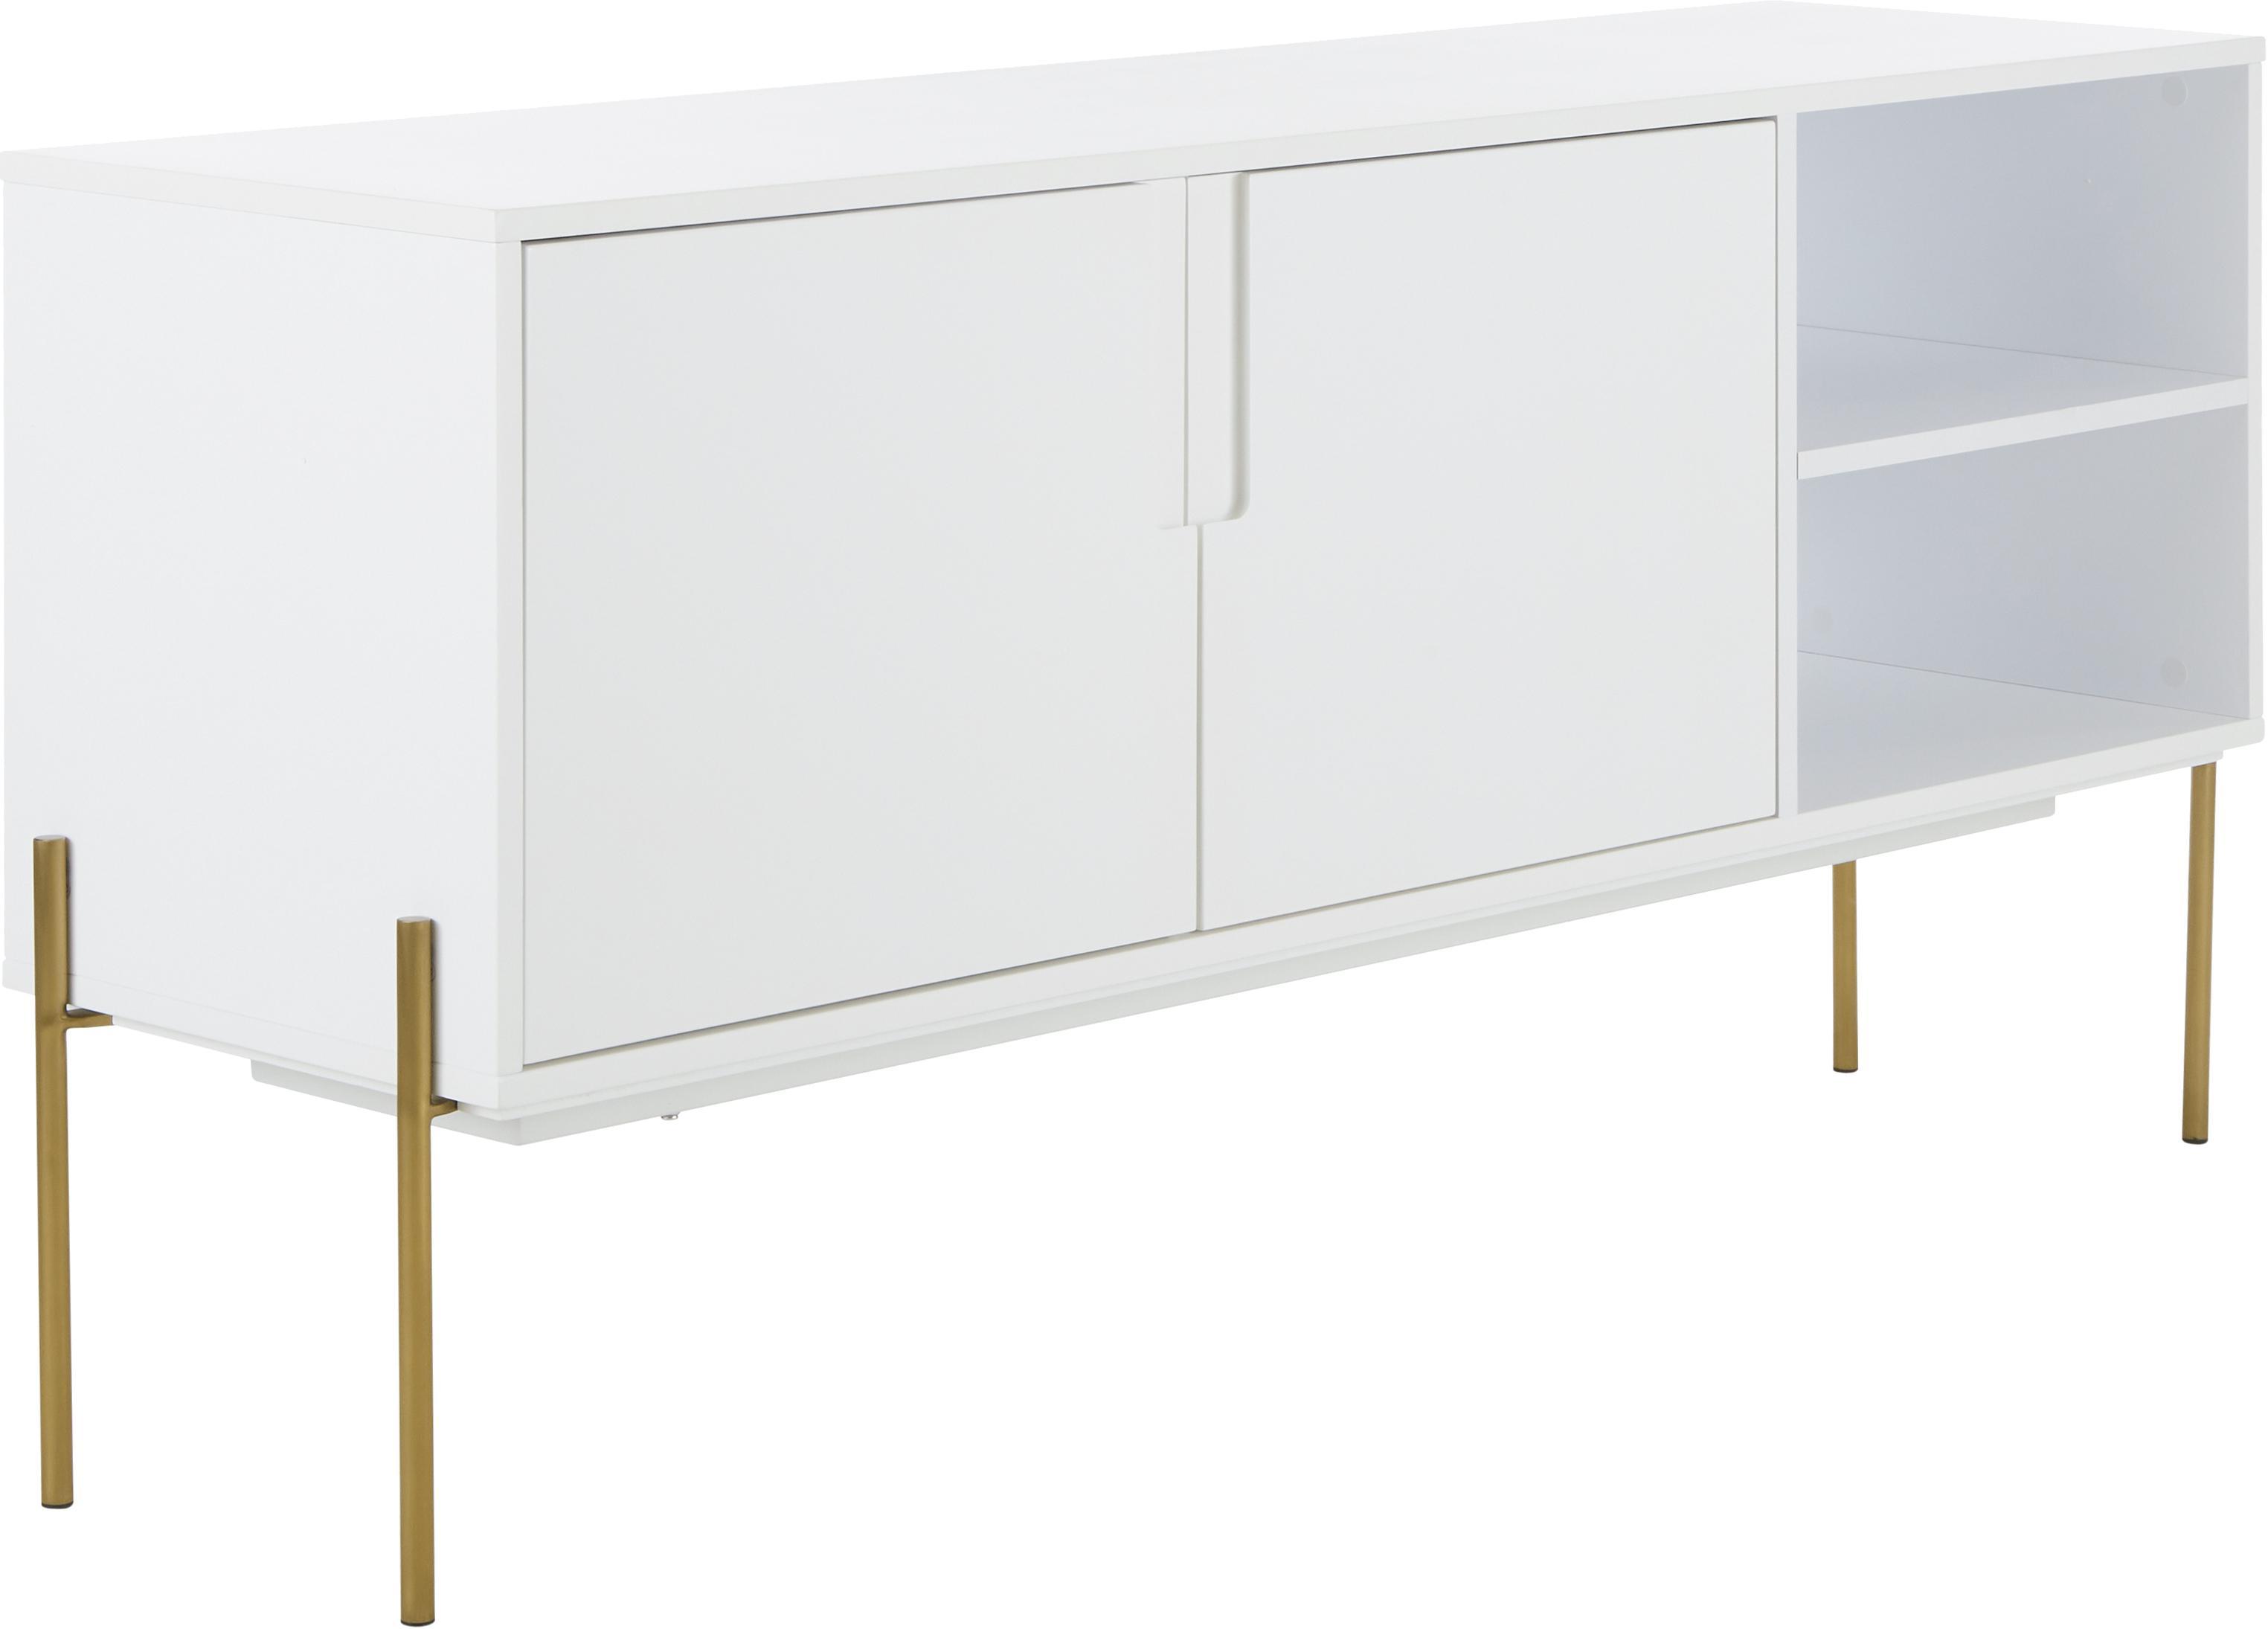 Credenza bianca con ante Jesper, Corpo: bianco Piedini: dorato lucido, Larg. 160 x Alt. 80 cm